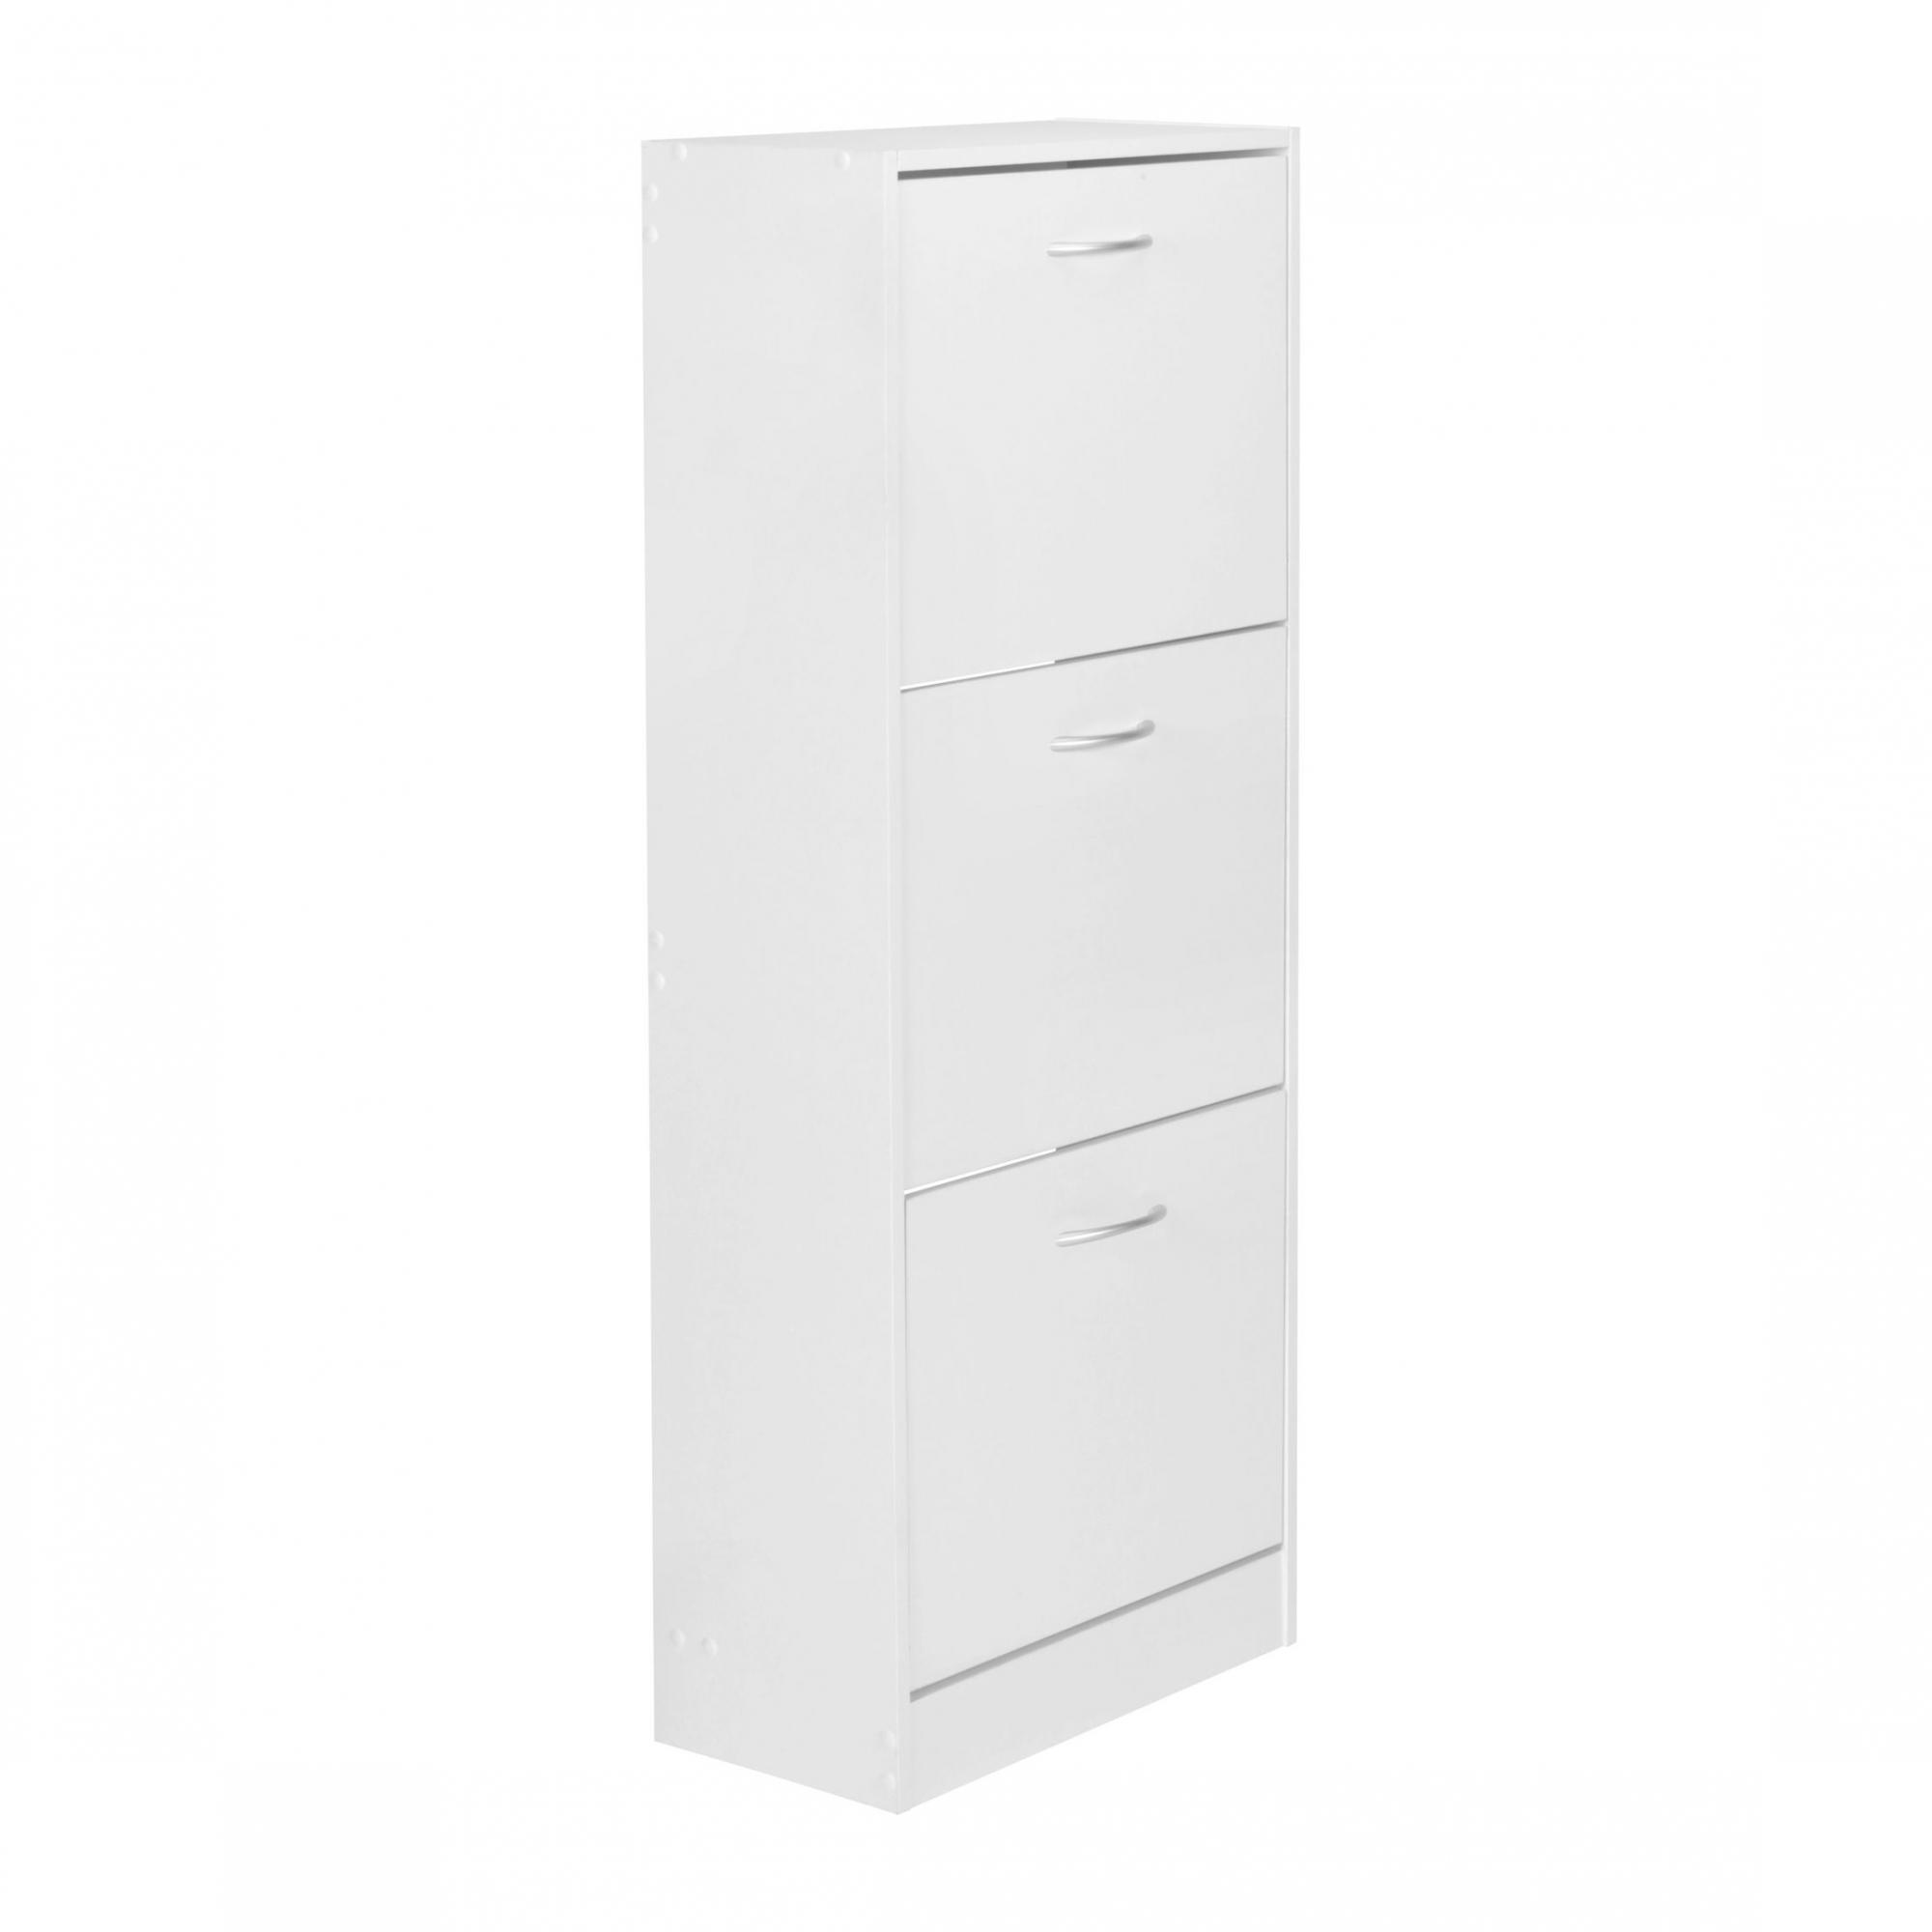 Botník s 3 výklopnými zásuvkami Bella, 125 cm, bílá